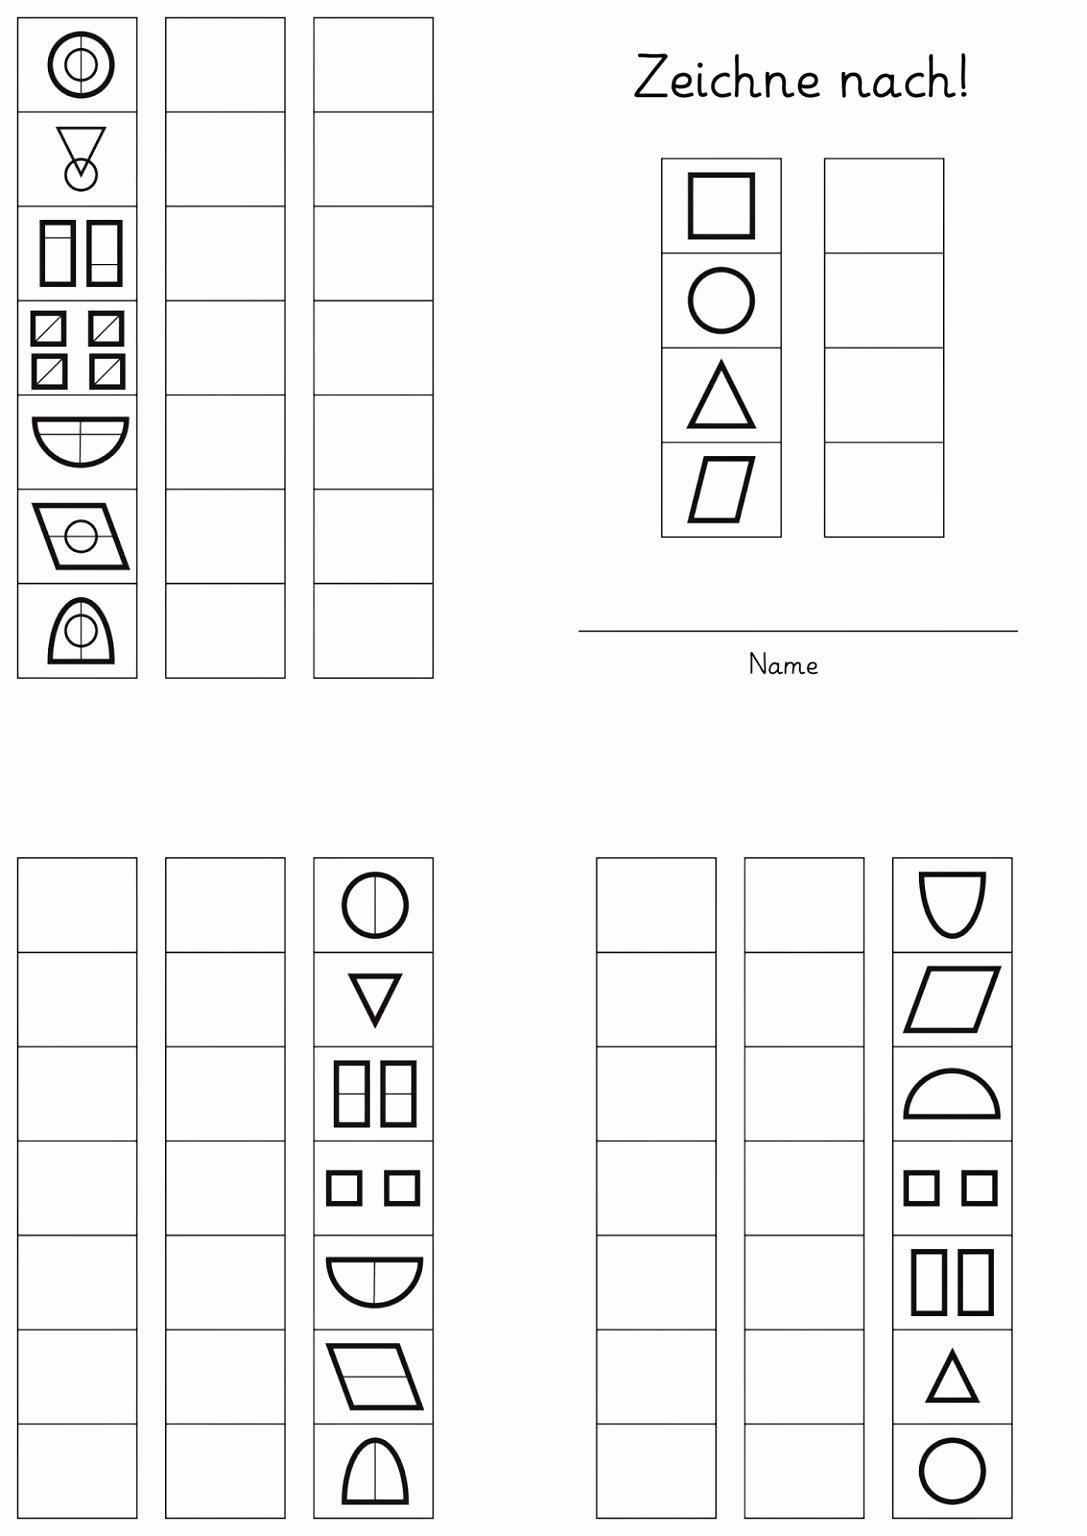 Lernstübchen Zeichne nach 1